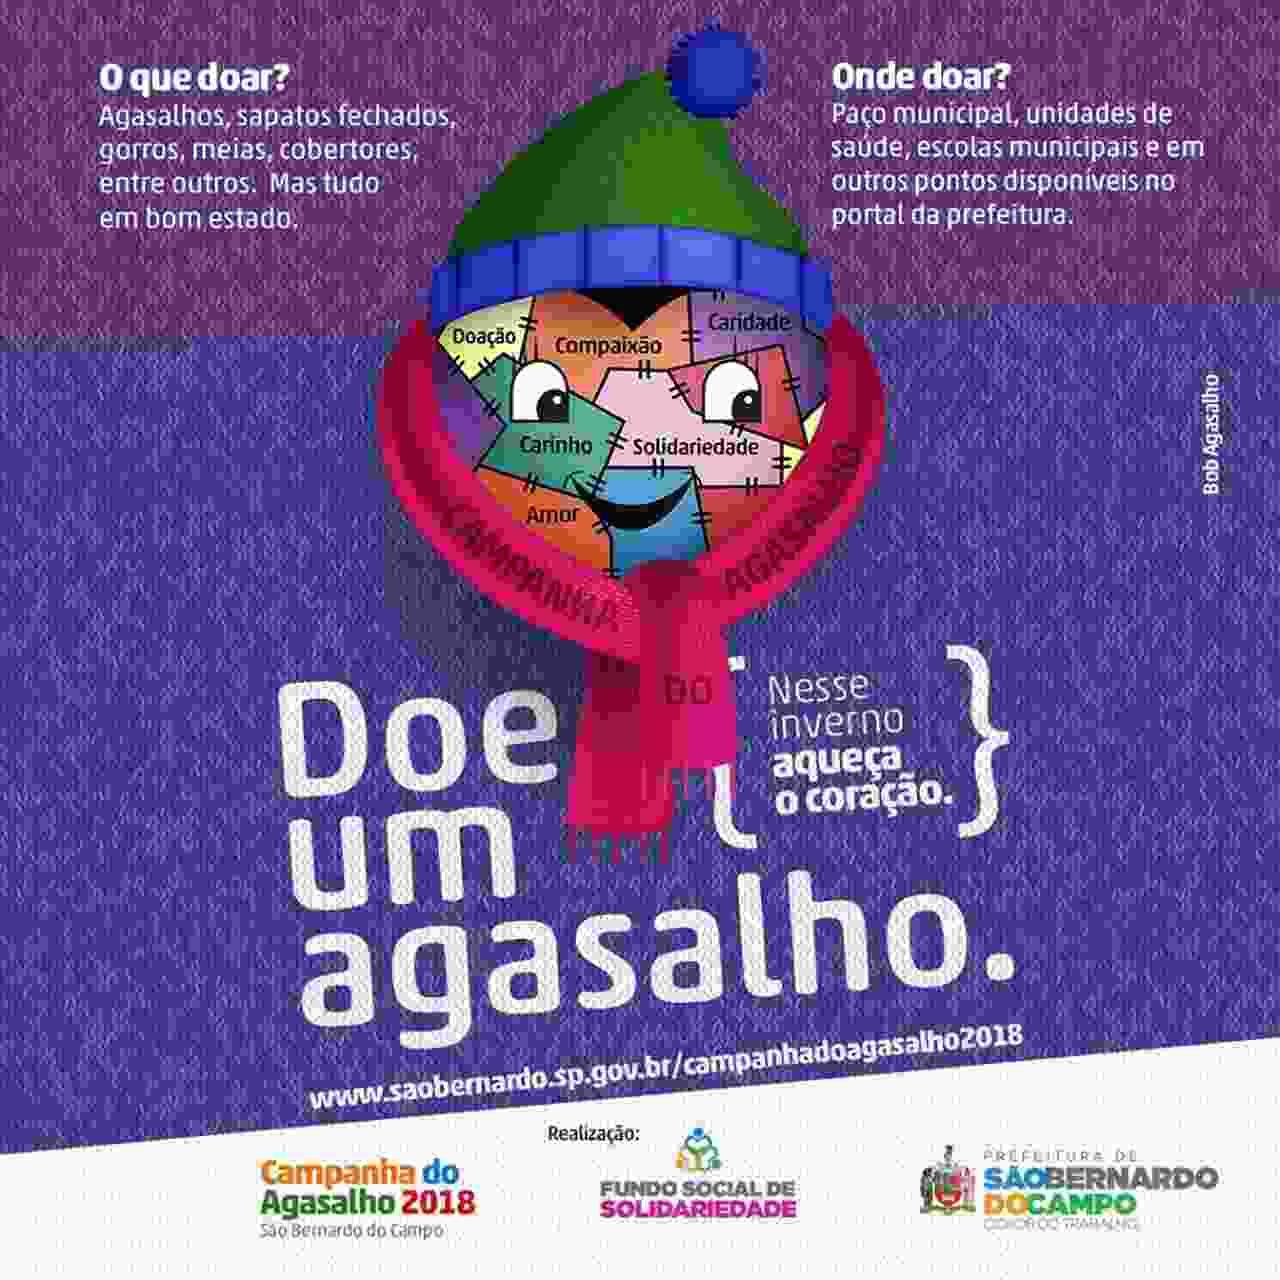 São Bernardo lança Campanha do Agasalho 2018 e apresenta mascote da ação 5036557672e